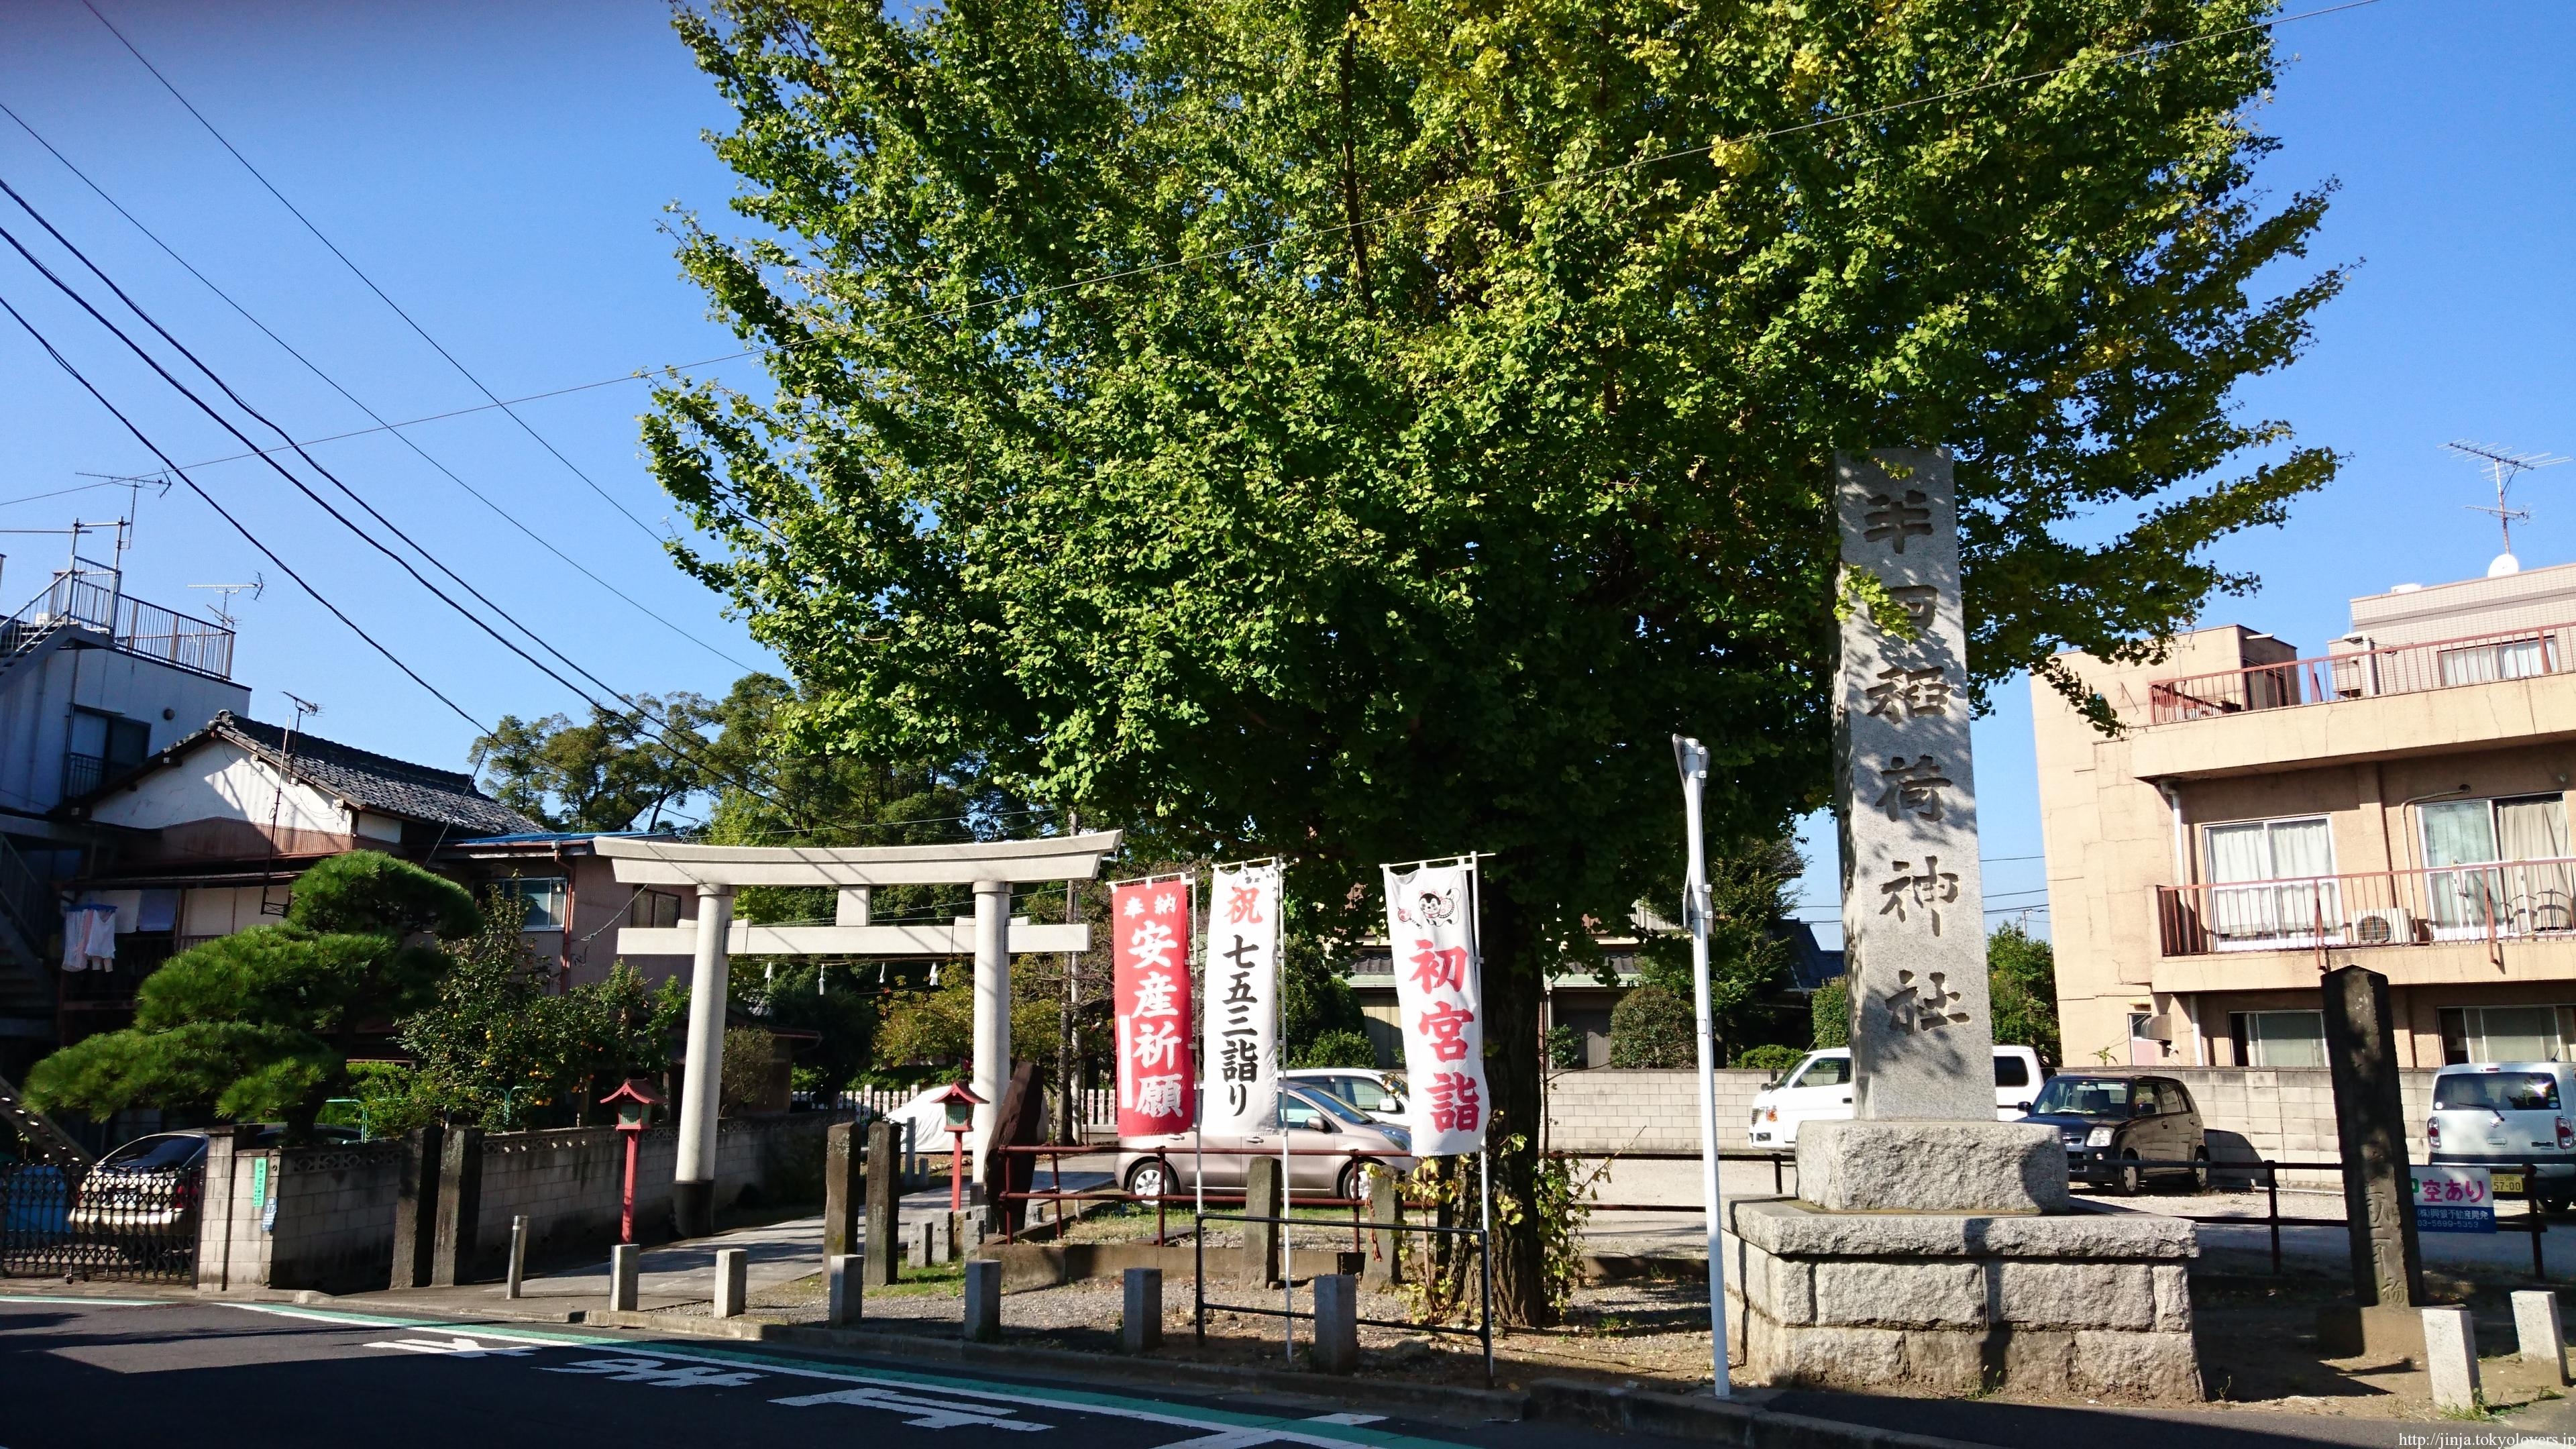 半田稲荷神社 | 神社と御朱印